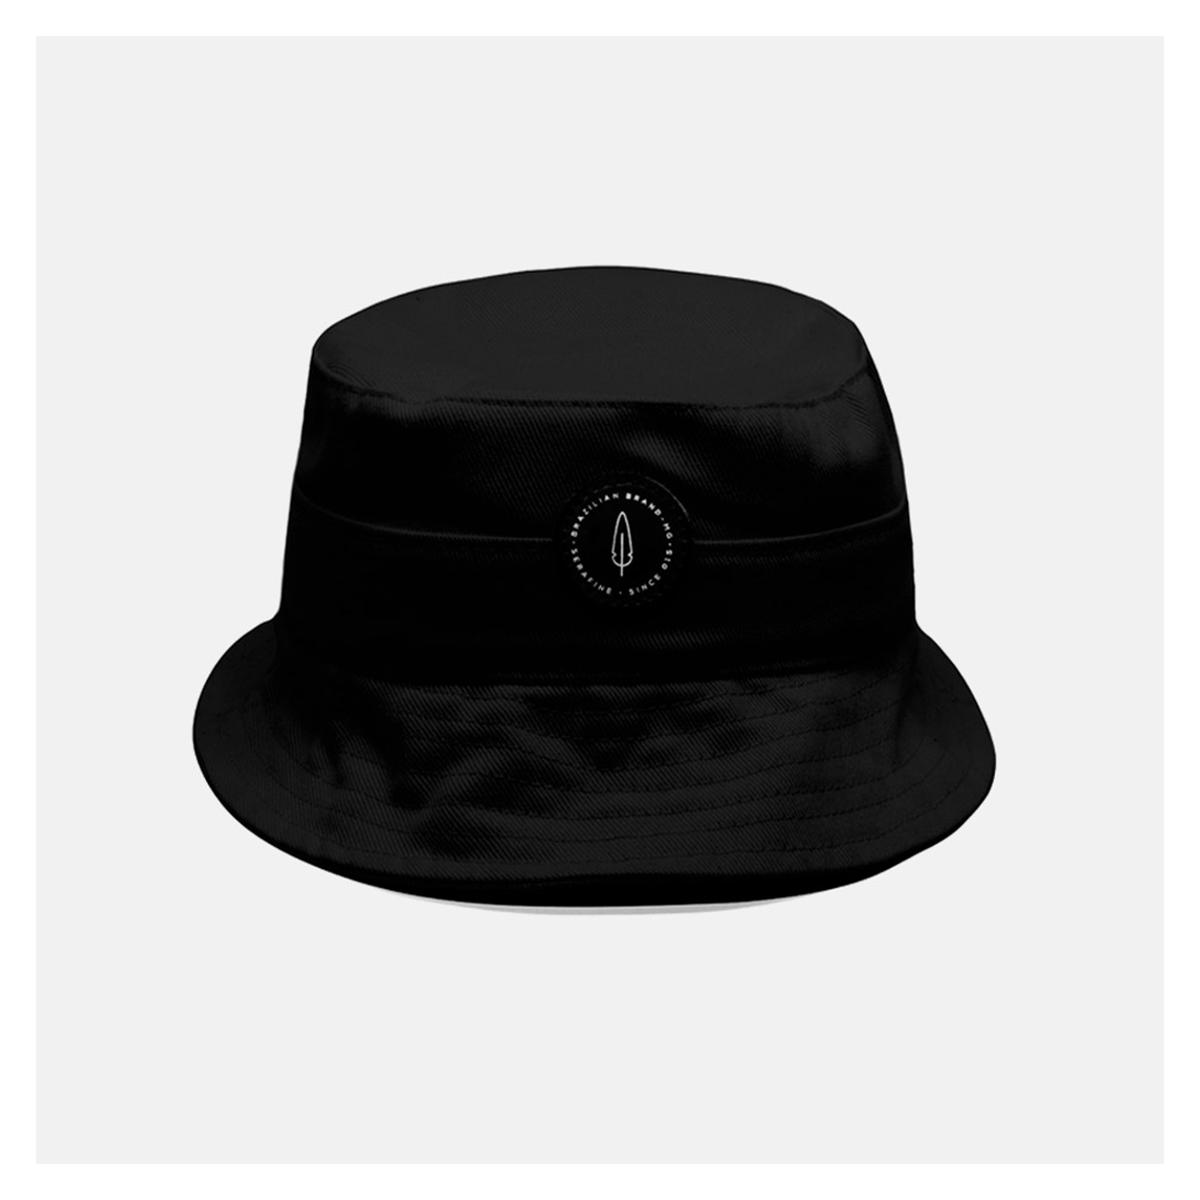 🔥 IT'S NEW 🔥  Em primeiríssima mão para vocês. Chega essa semana nas lojas o nosso bucket hat e já está disponível no site | http://www.serafine.com.br   #bucket #buckethat #hat #serafine #srfn #amarcadapena #brazilianbrand #mg #minasgerais #style #streetstyle #street